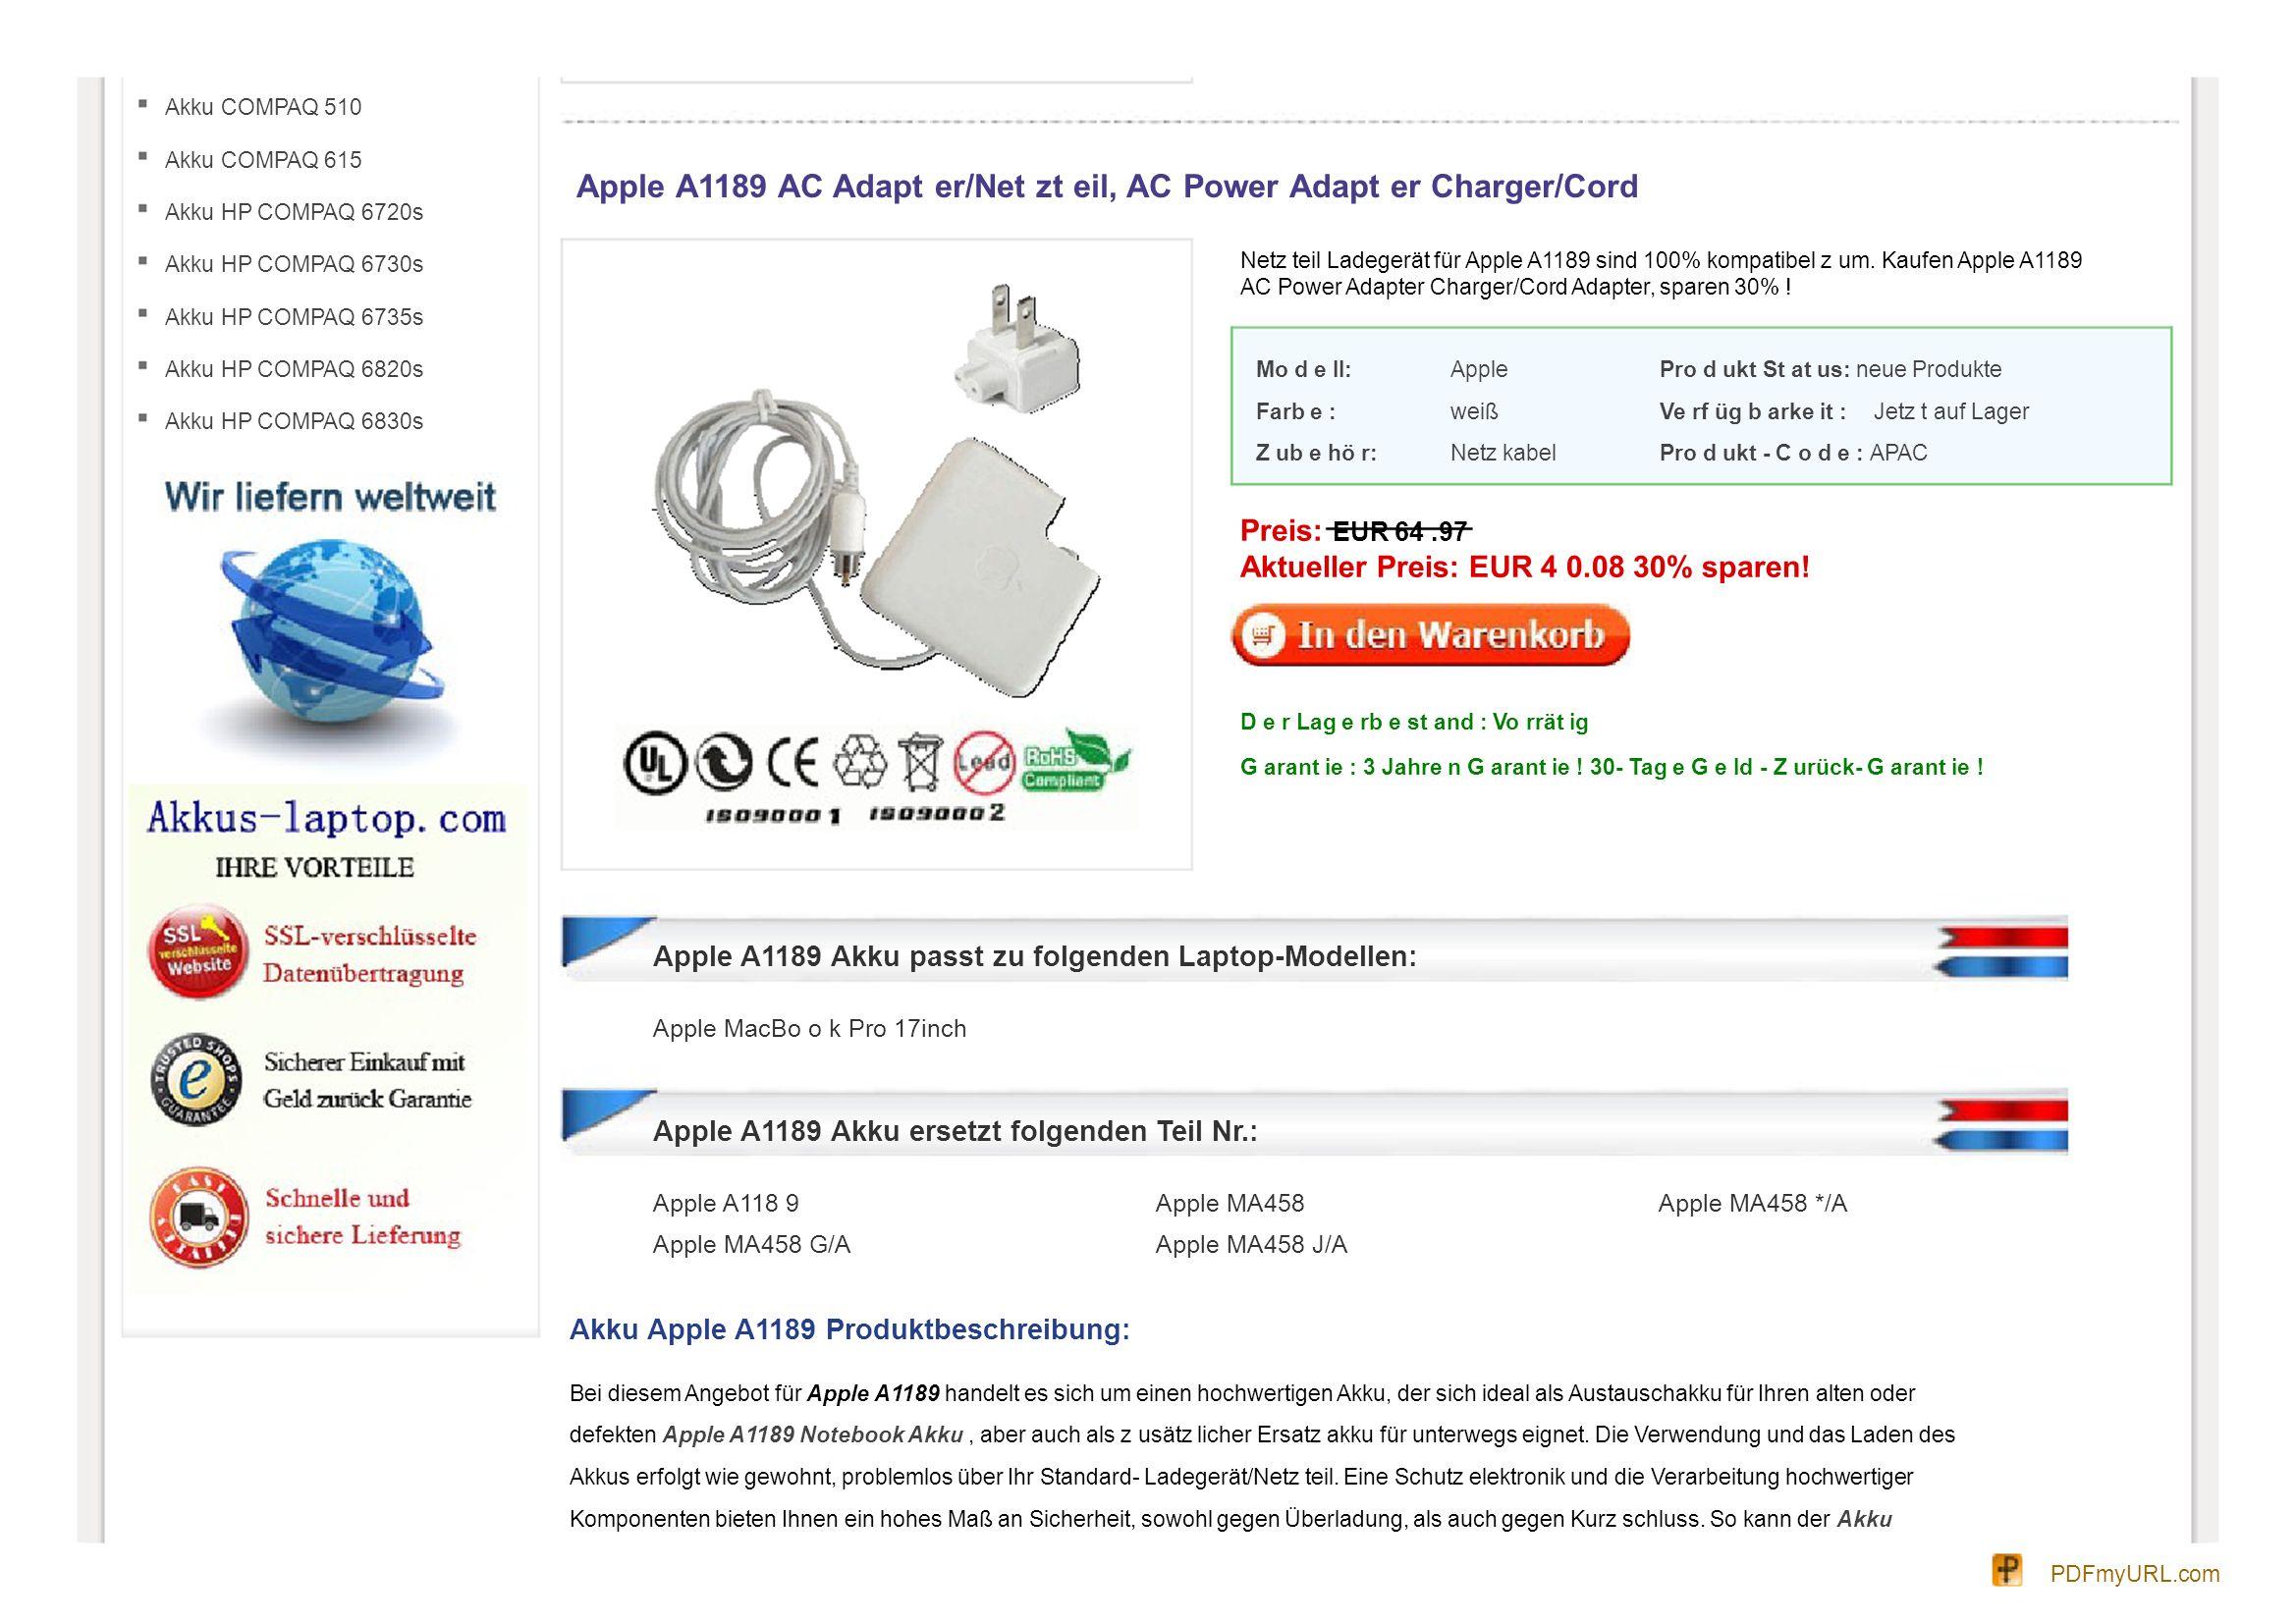 Apple A1189 eine höhere Anz ahl von Lade- Entlade- Z yklen erreichen.